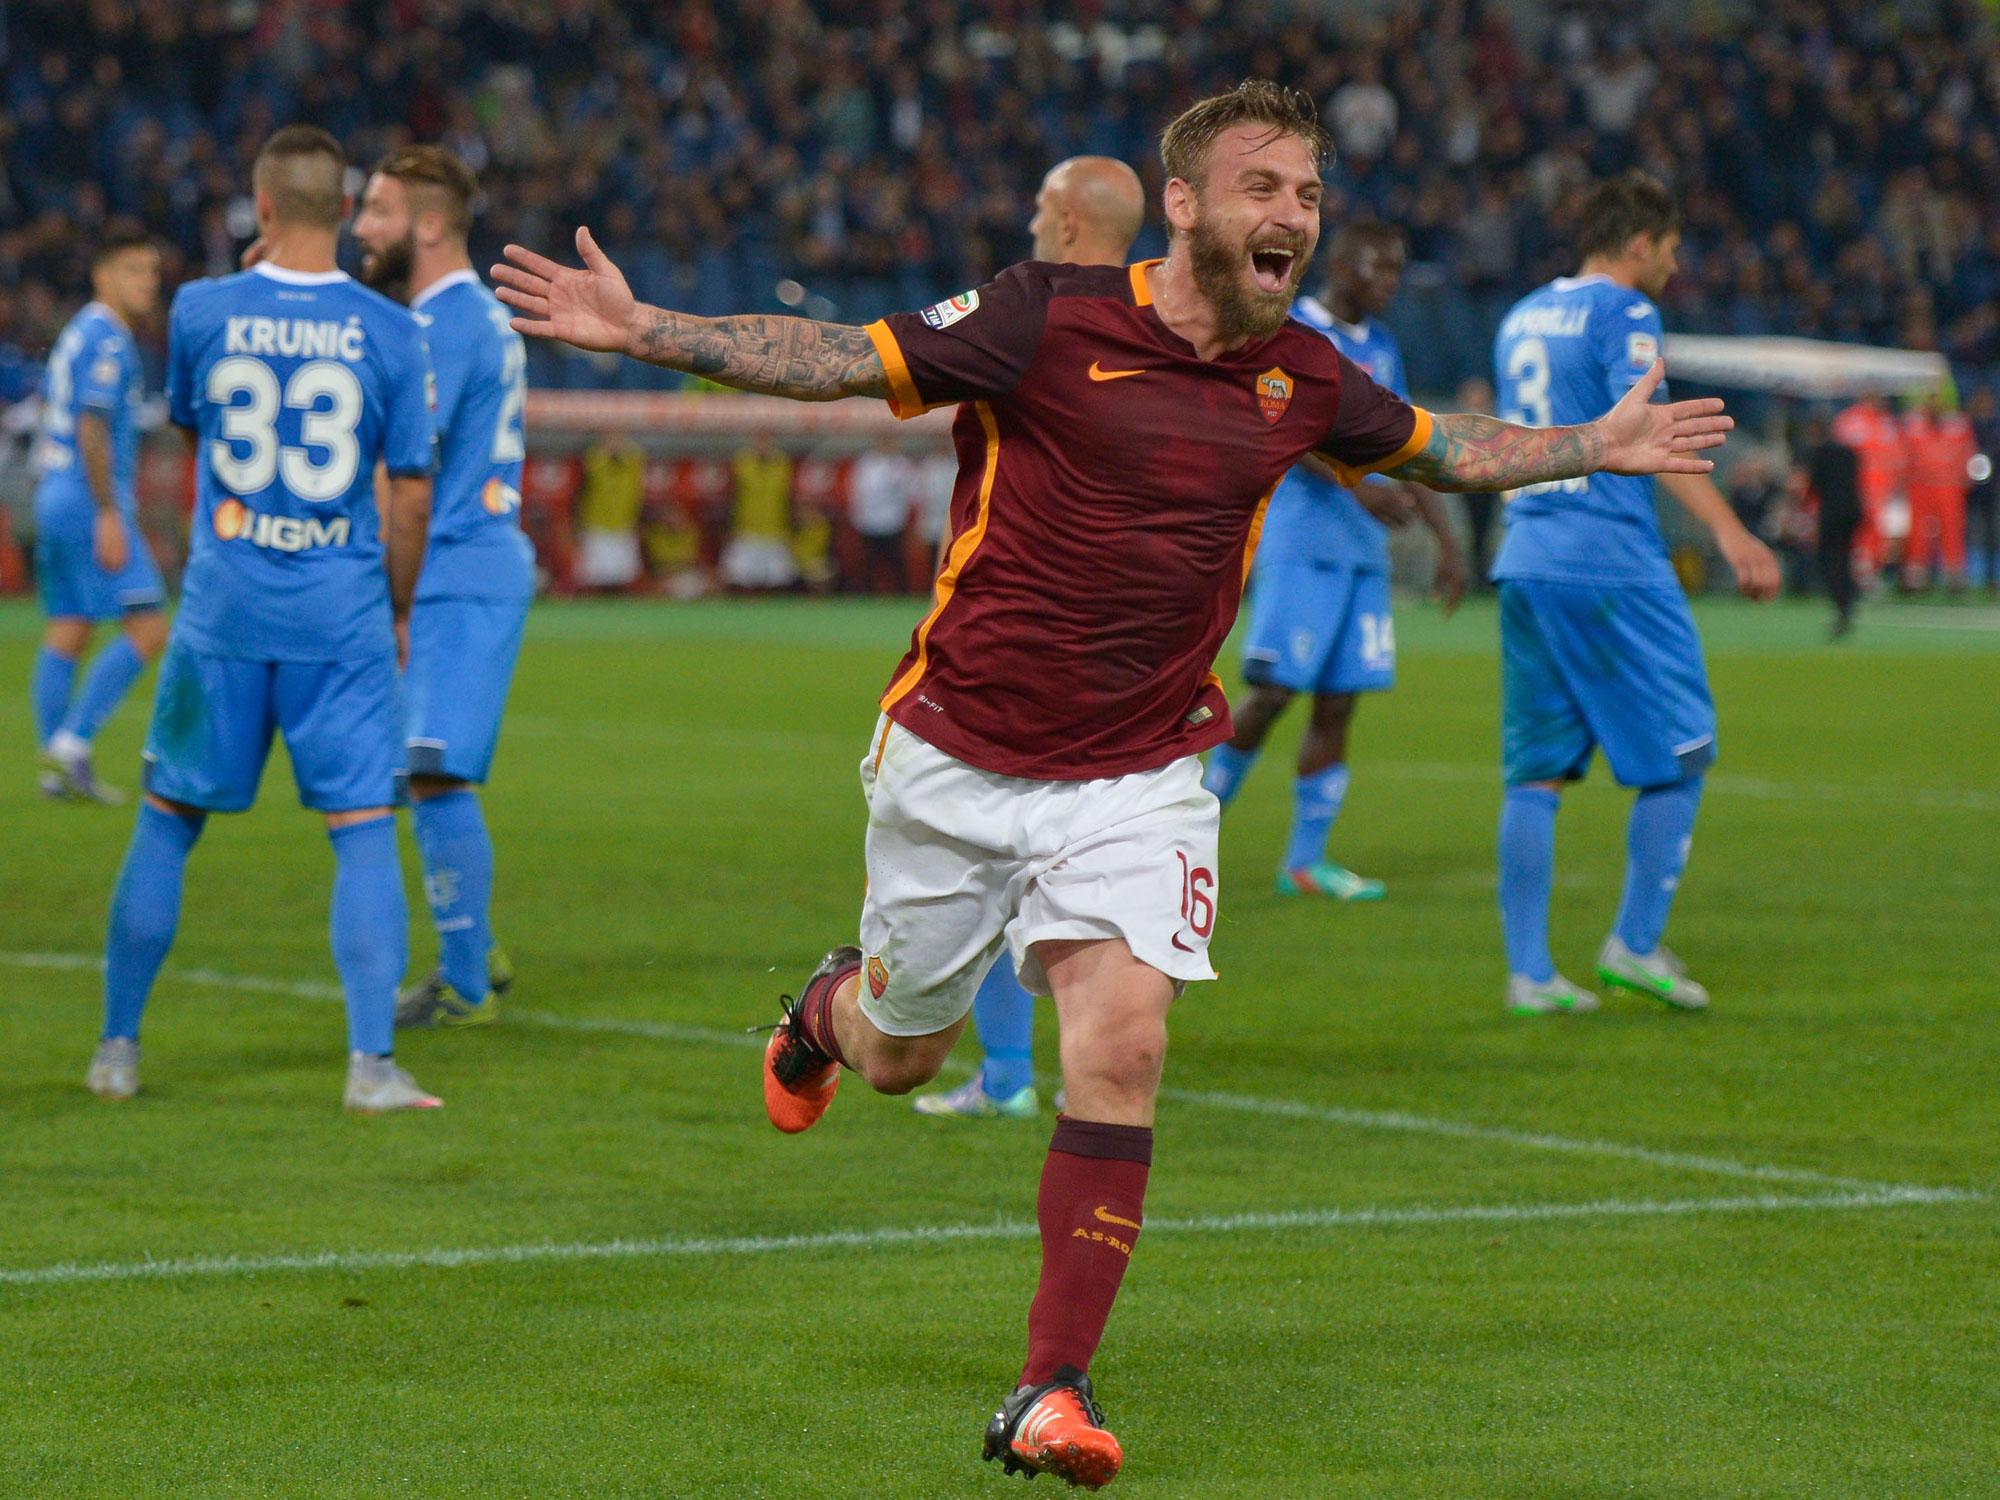 Daniele De Rossi is an AS Roma staple